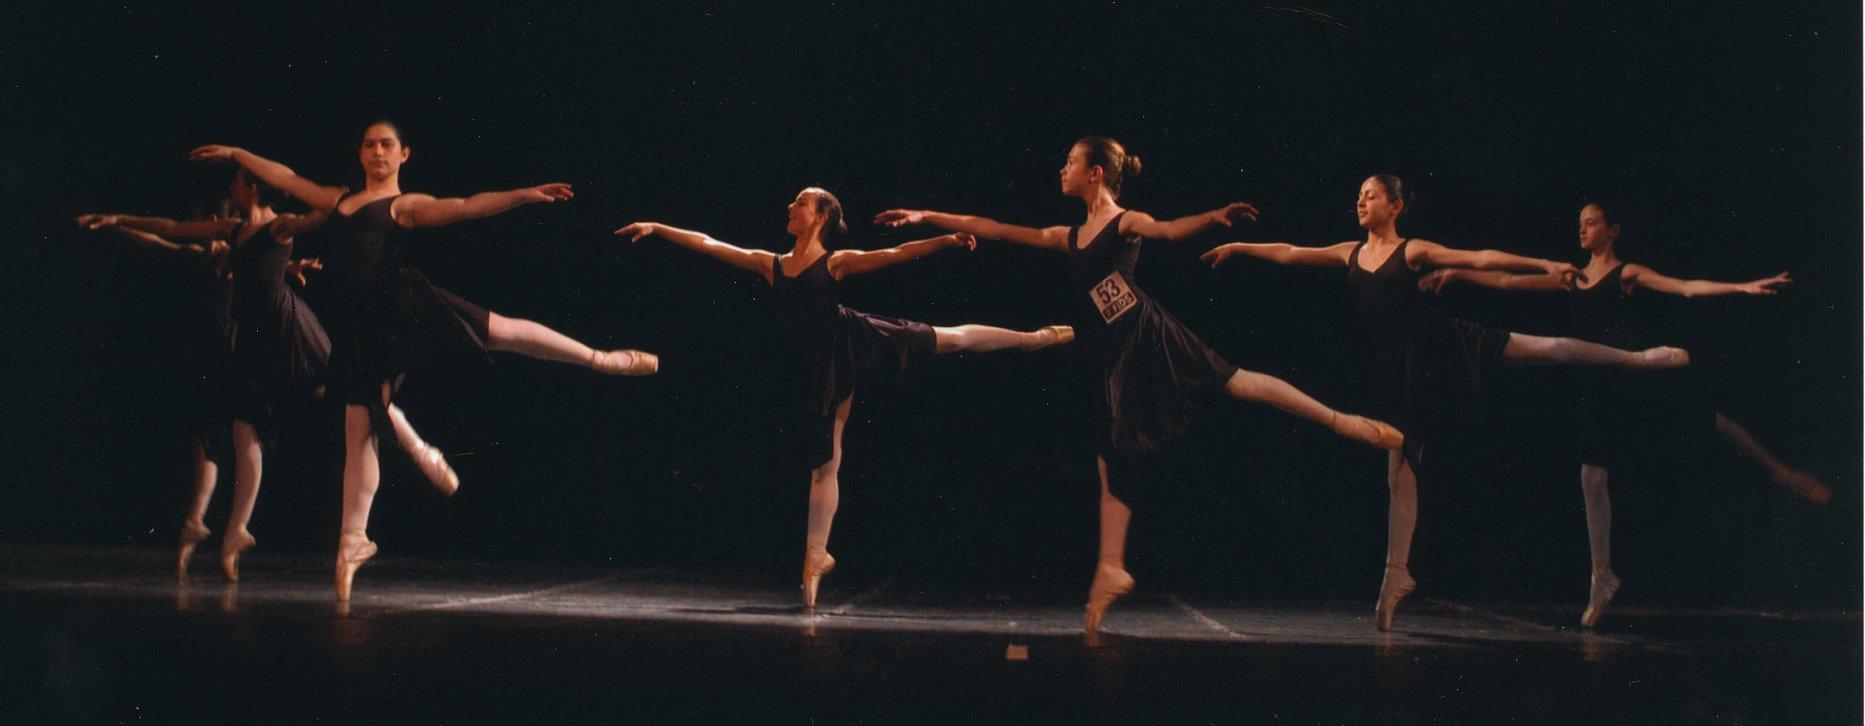 2004_3.jpg